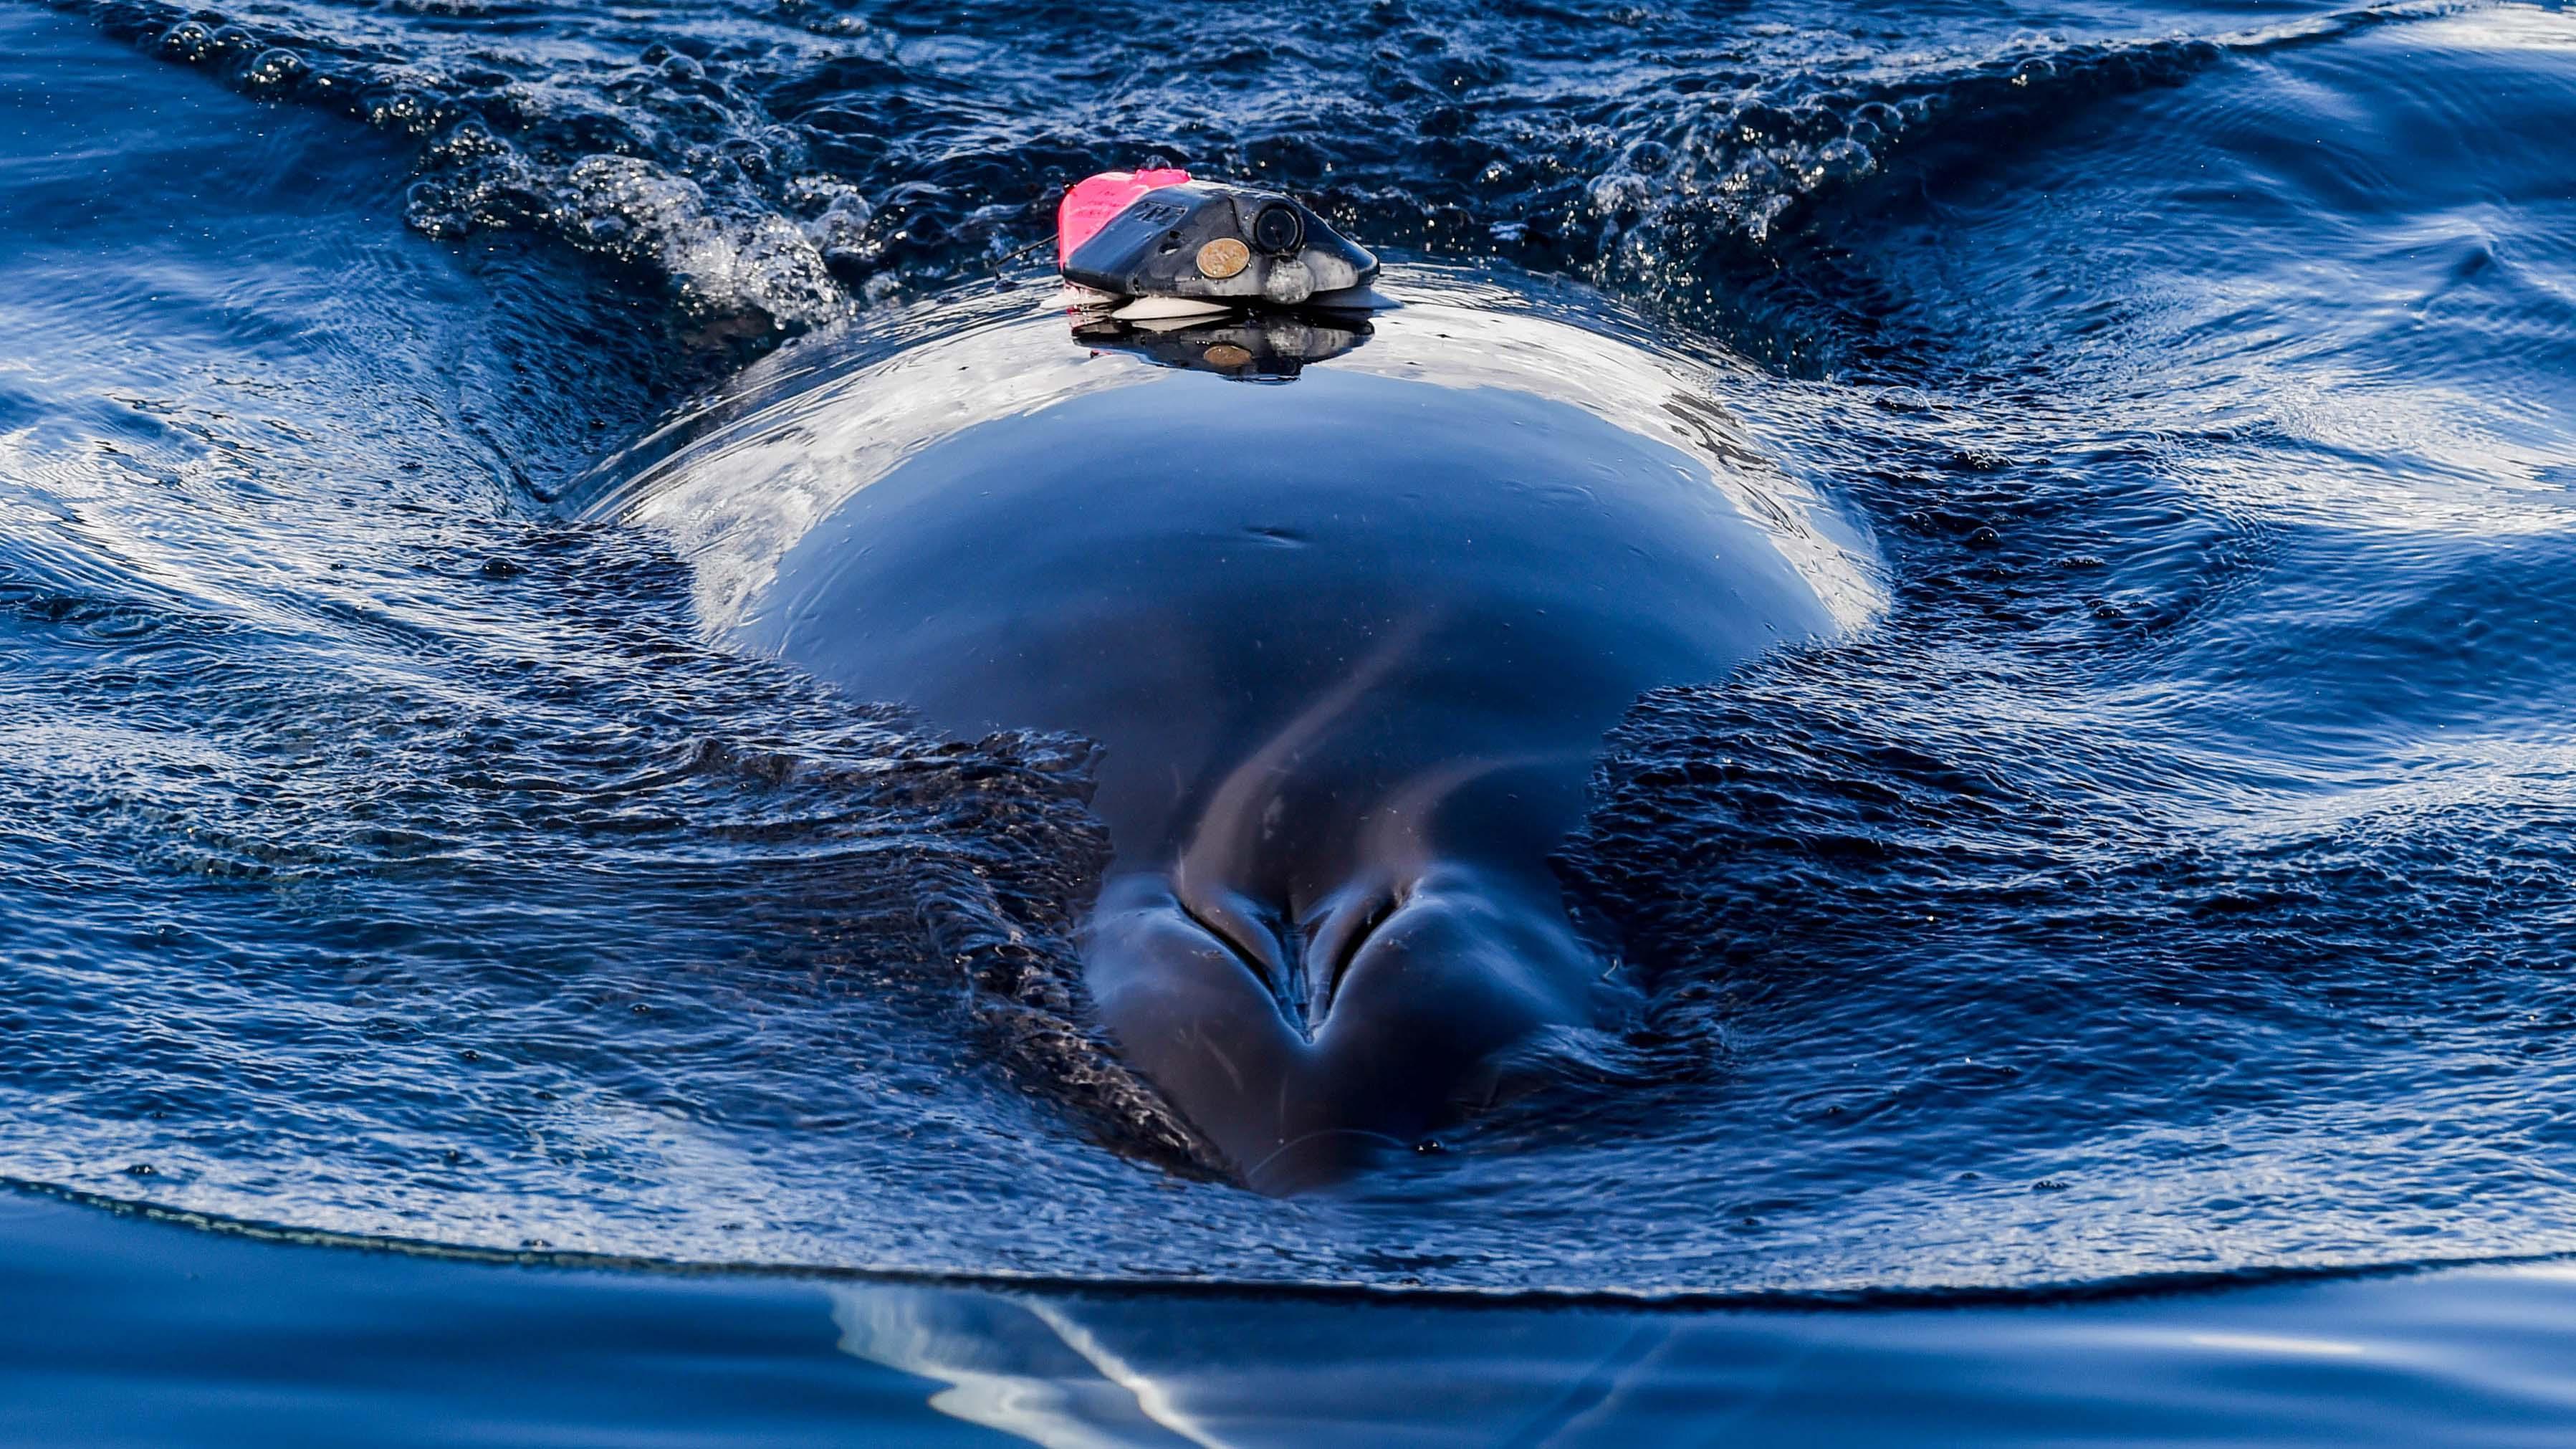 wie schwer ist der blauwal